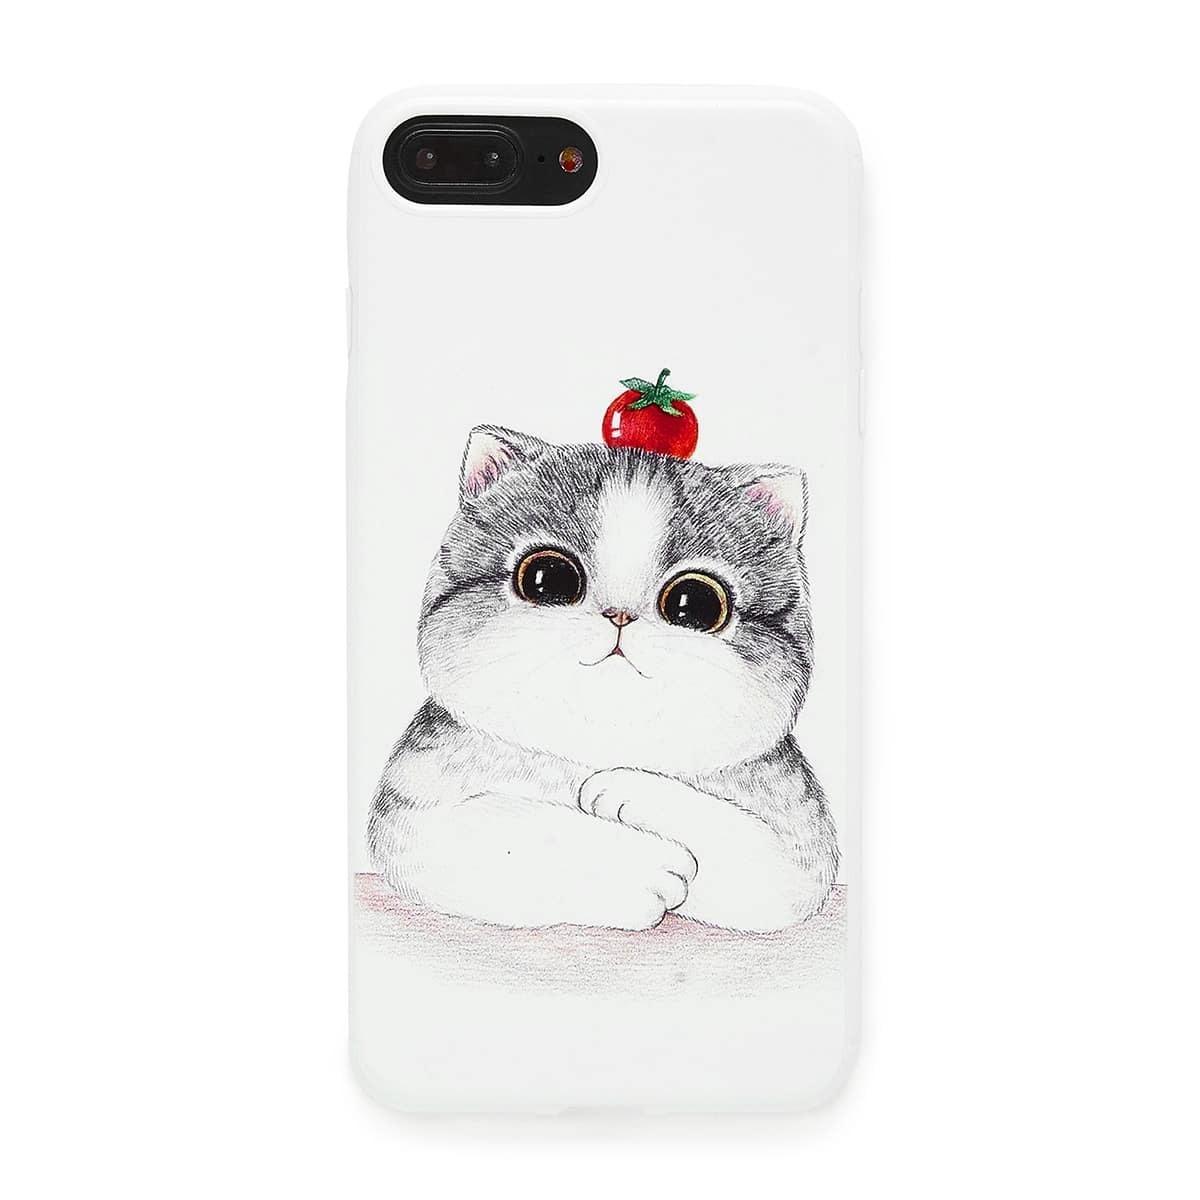 IPhone Schutzhülle mit Aufdruck - Katze